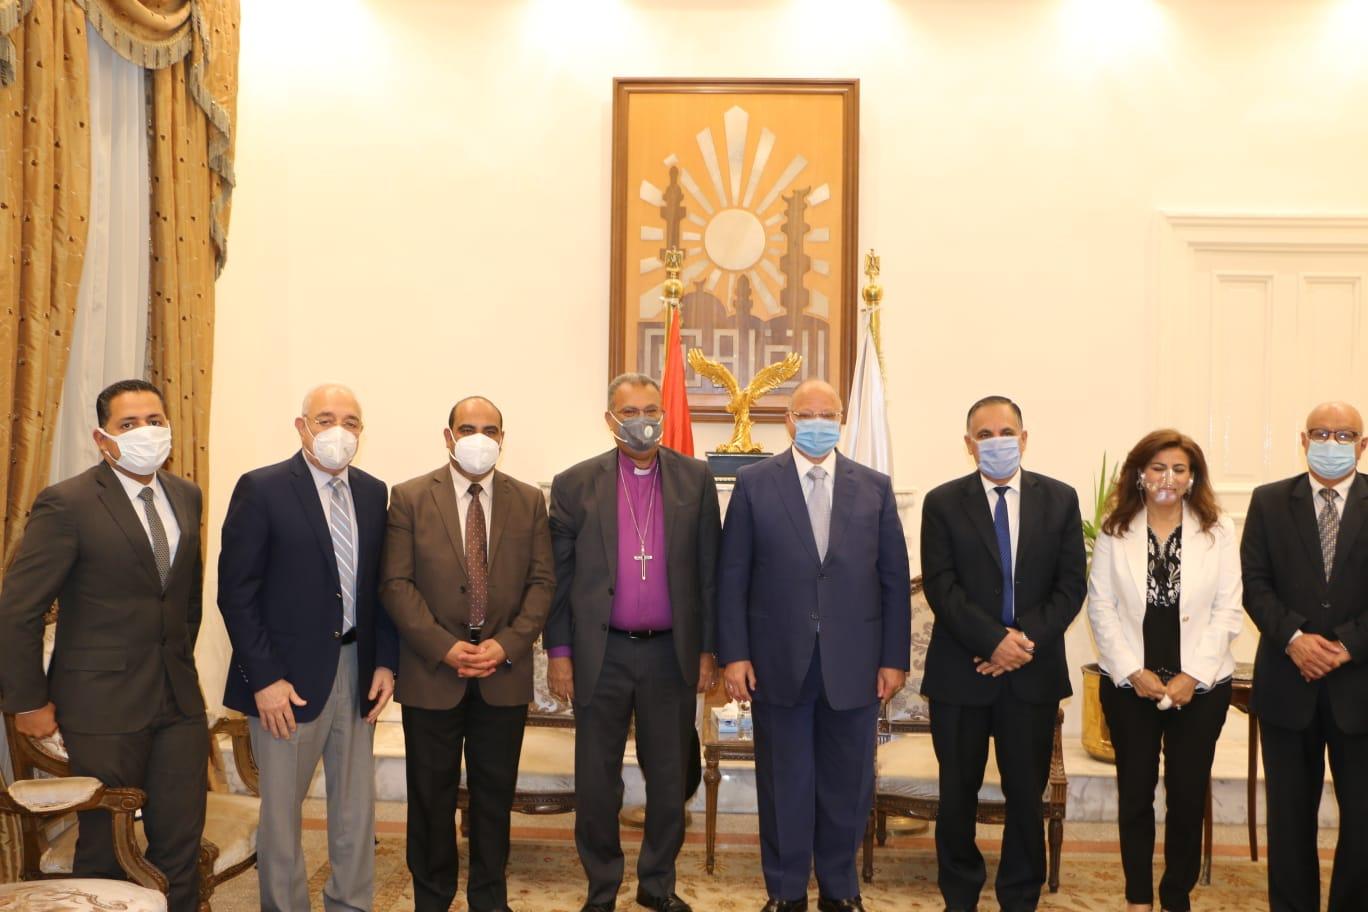 محافظ القاهرة يستقبل رئيس الطائفة الانجيلية للتهنئة بعيد الأضحى